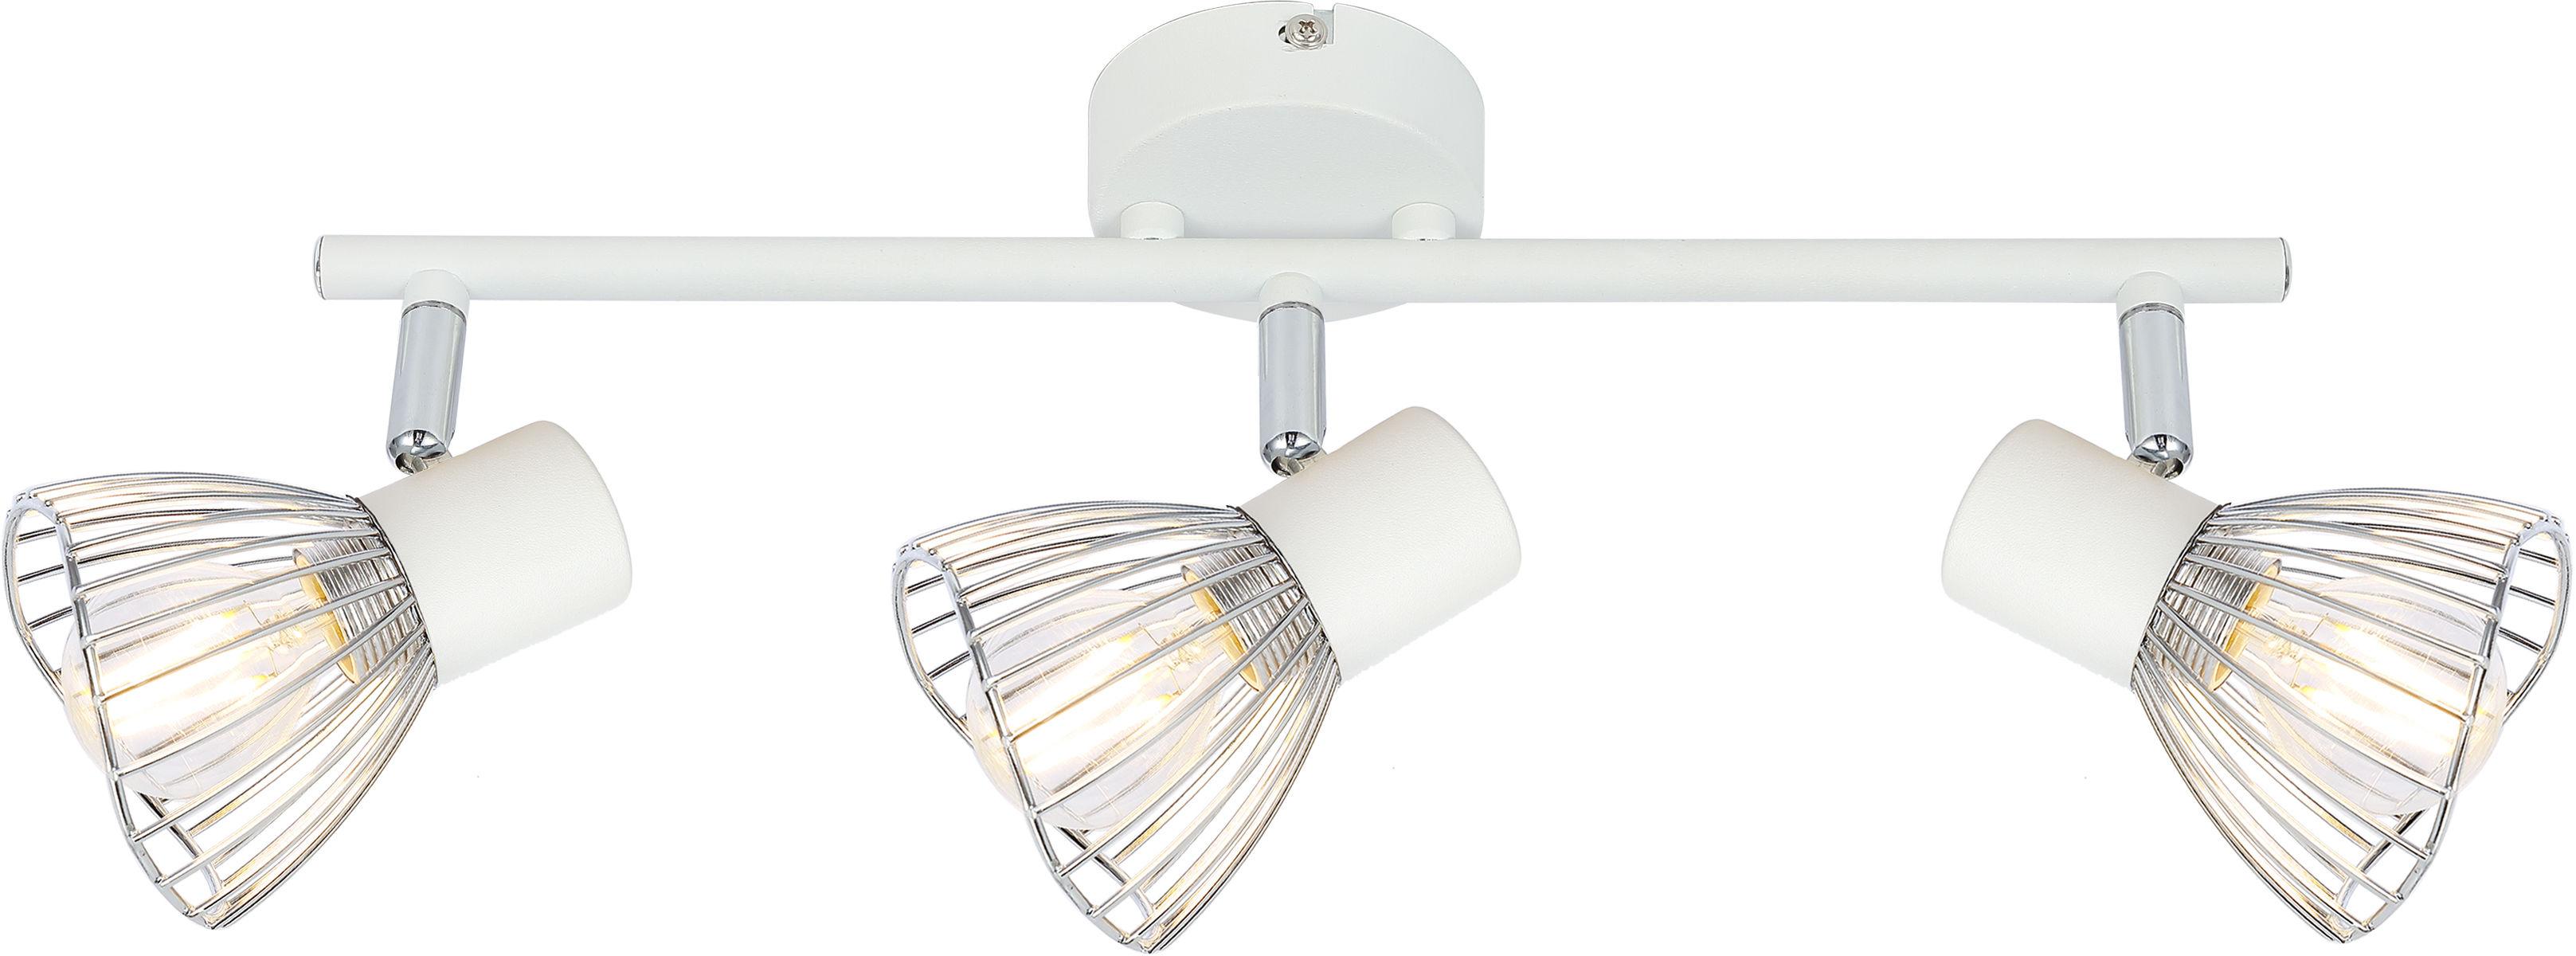 Candellux FLY 93-61973 listwa oświetleniowa biały+chrom regulacja klosza 3X40W E14 56cm